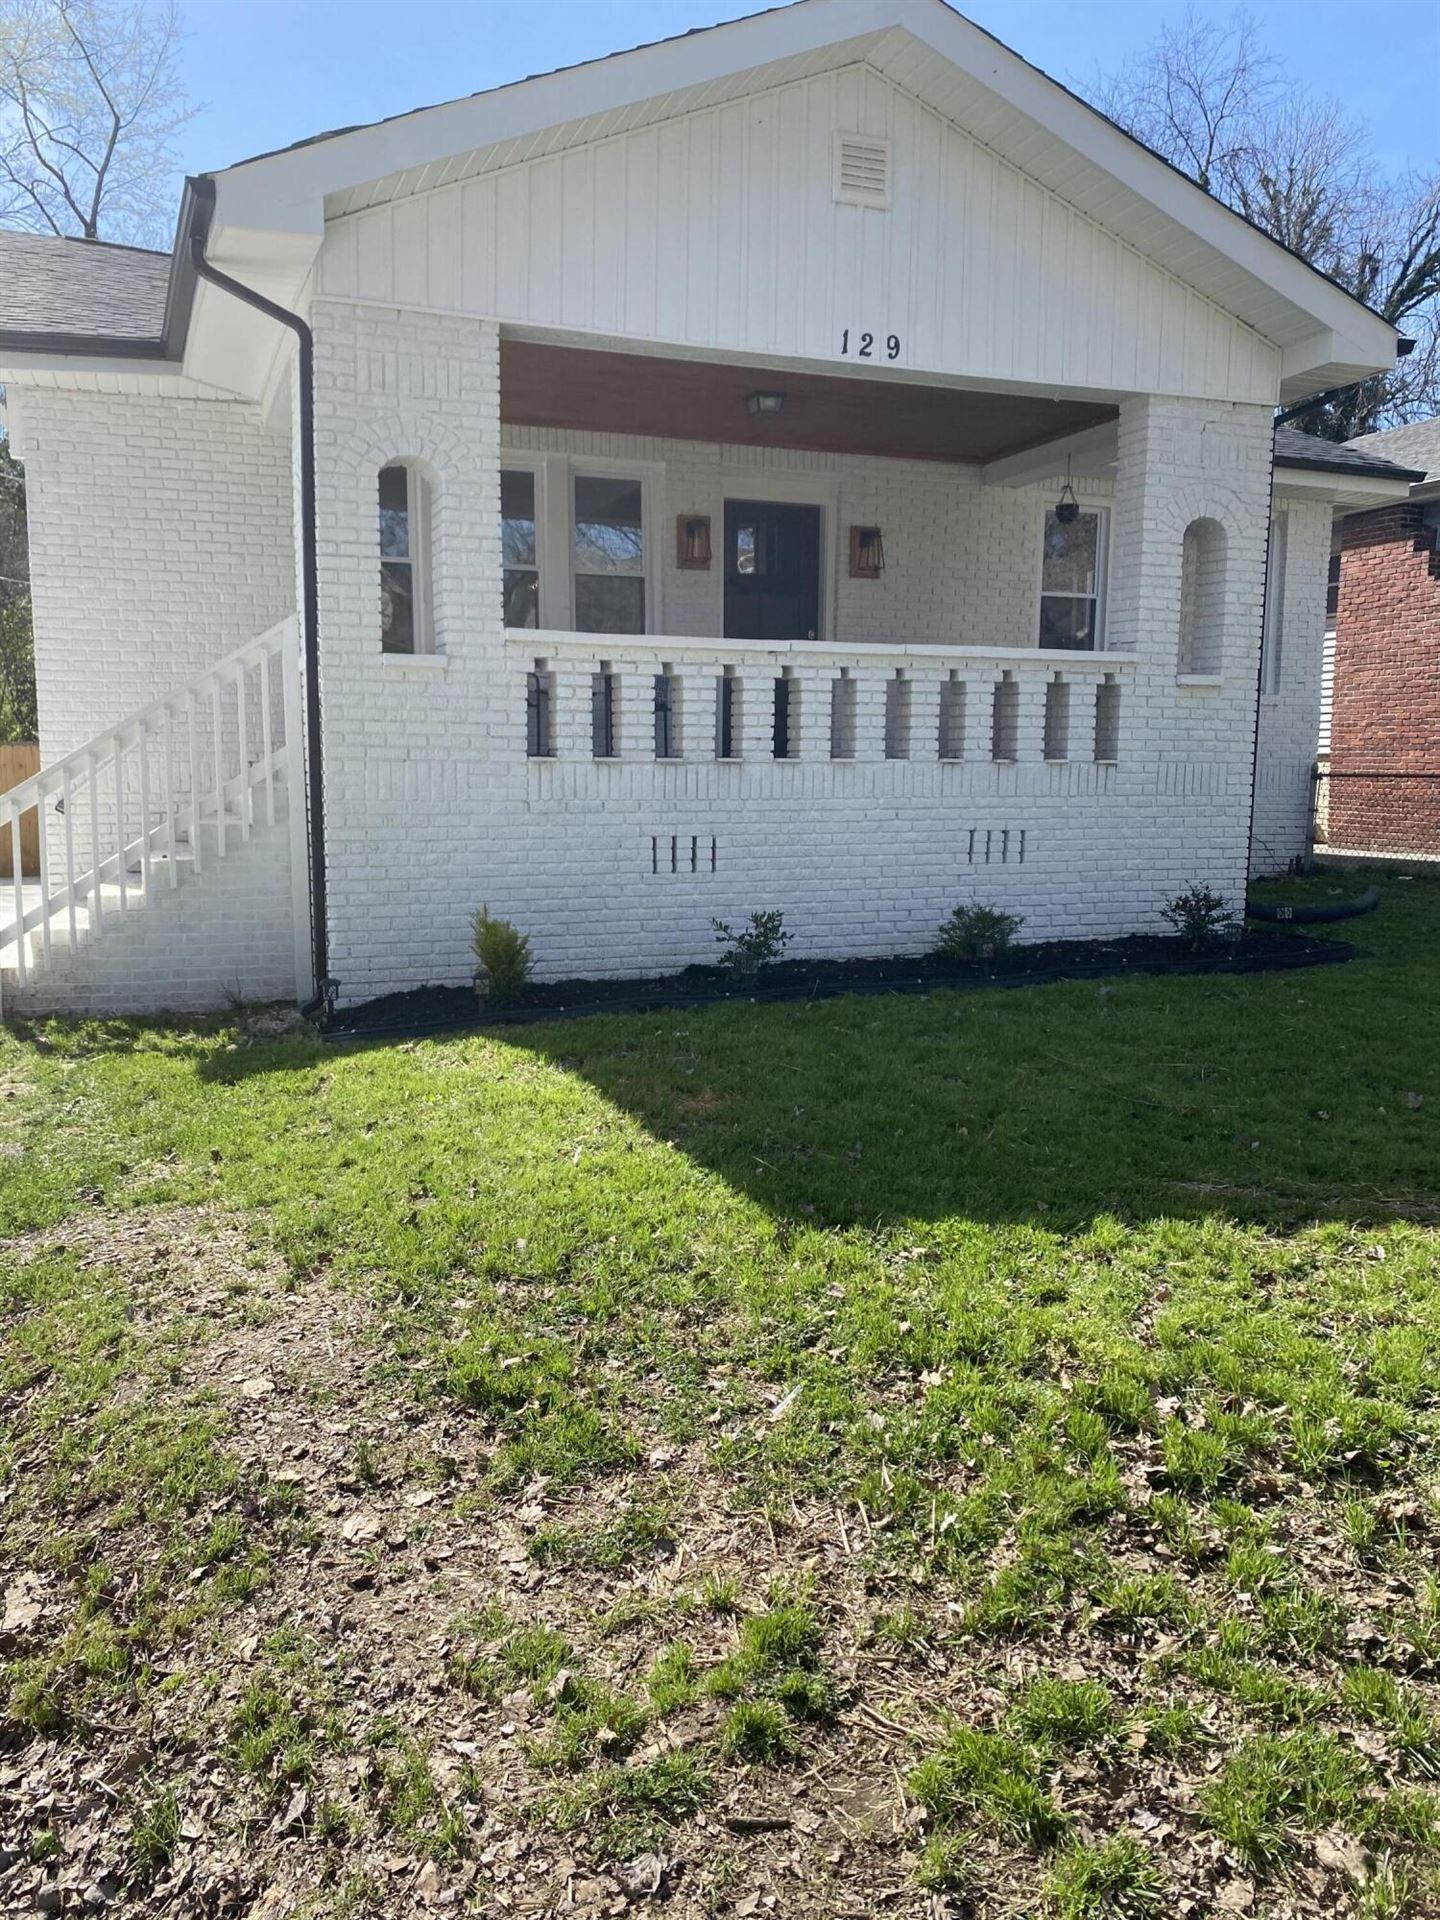 Photo of 129 S Van Gilder St, Knoxville, TN 37915 (MLS # 1146565)